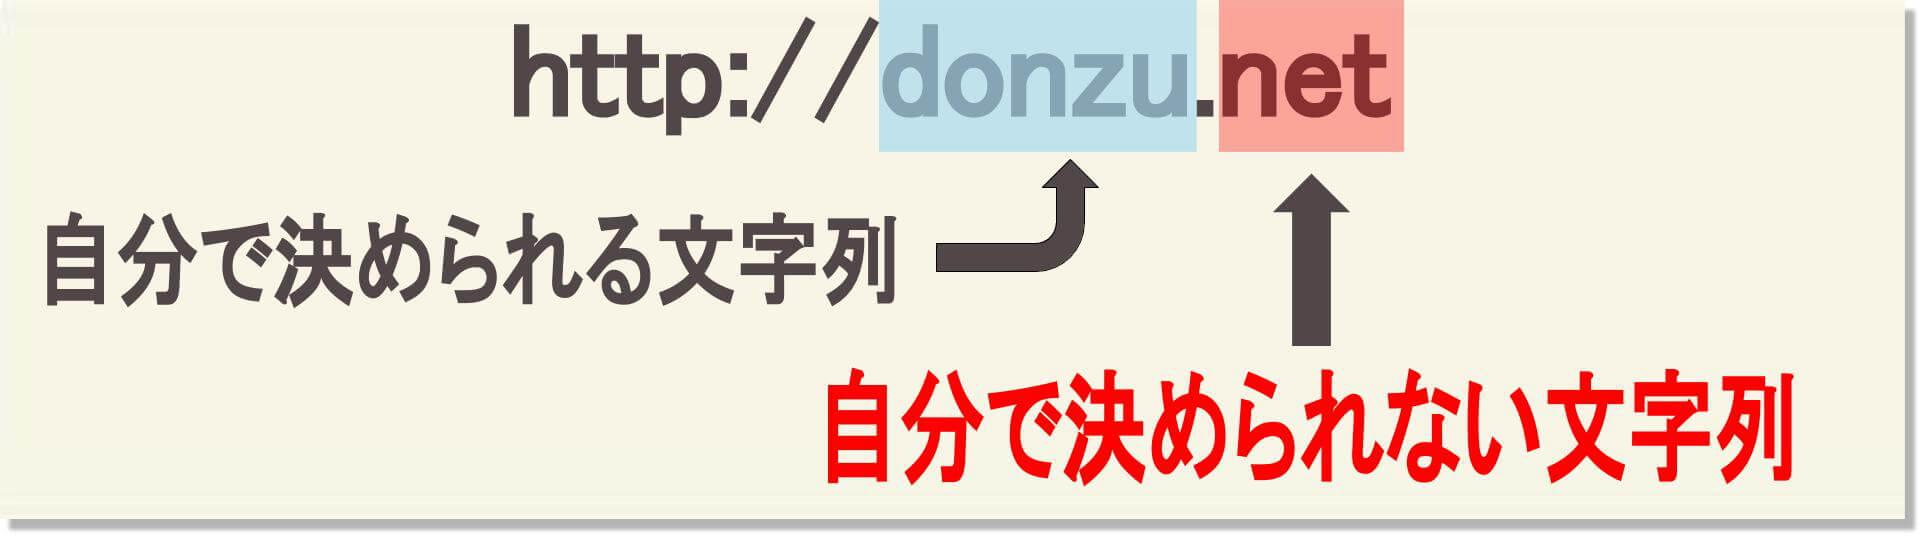 ページ(URL)ドメインの図解